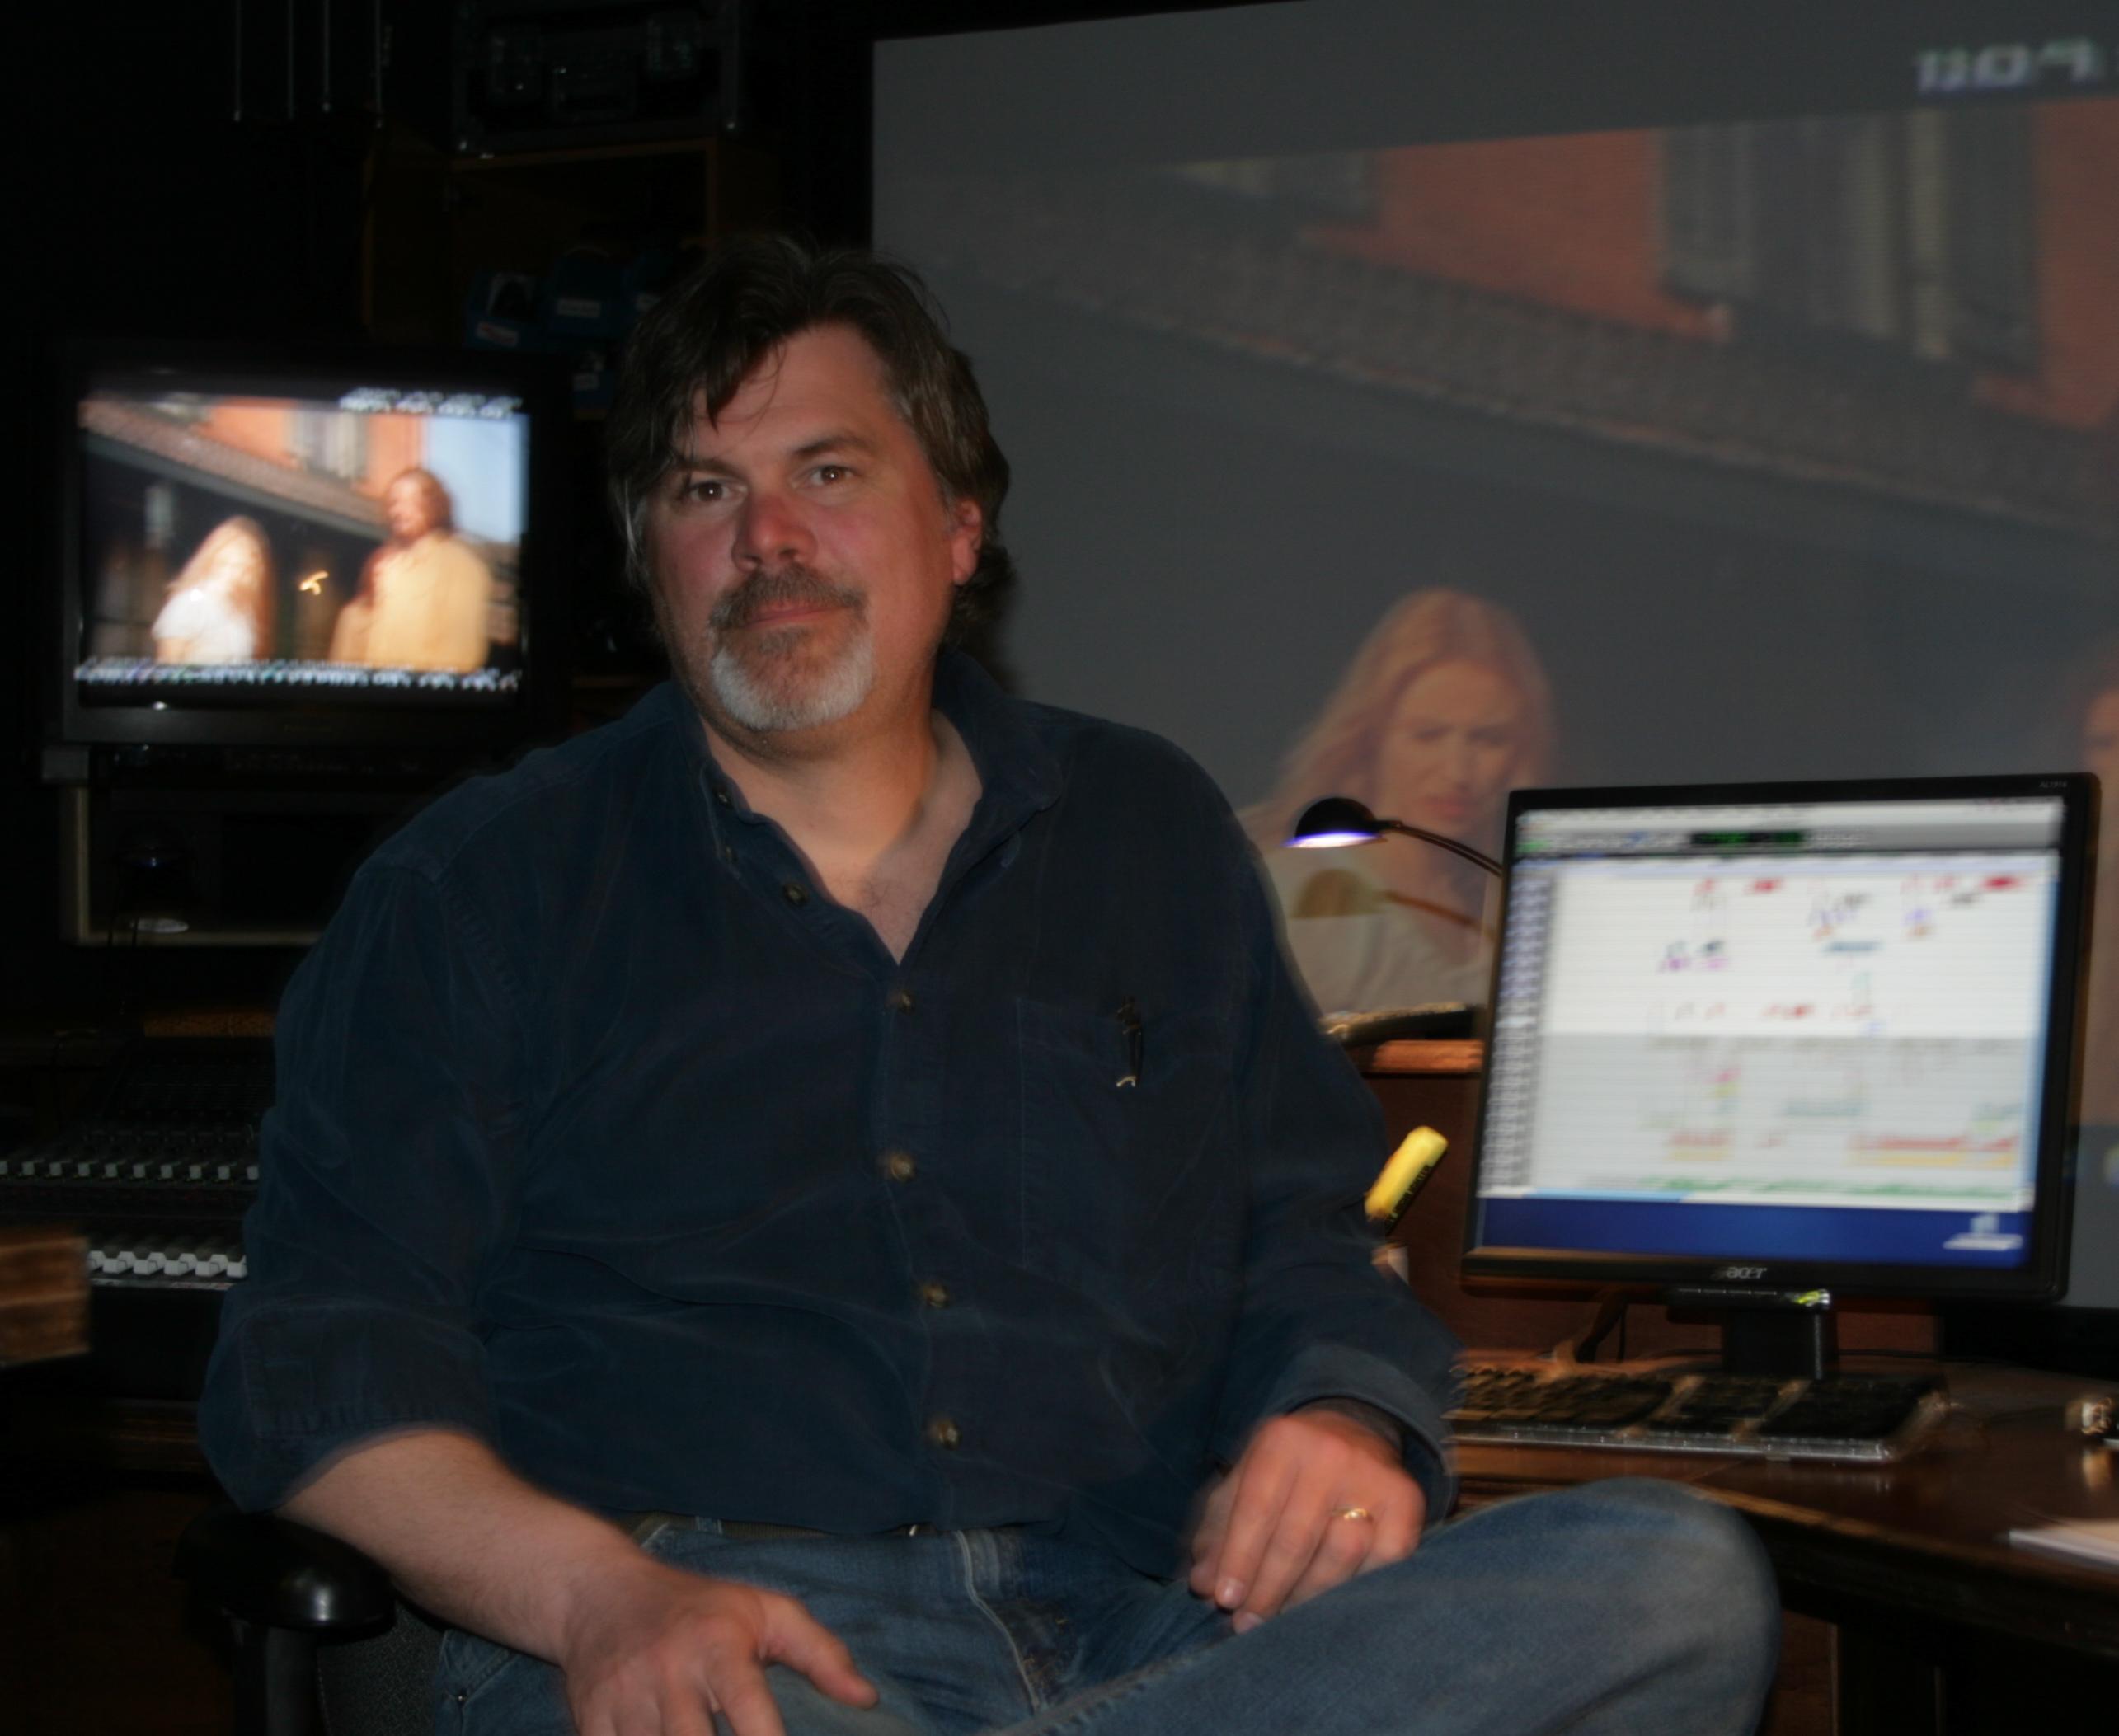 Steve Munro